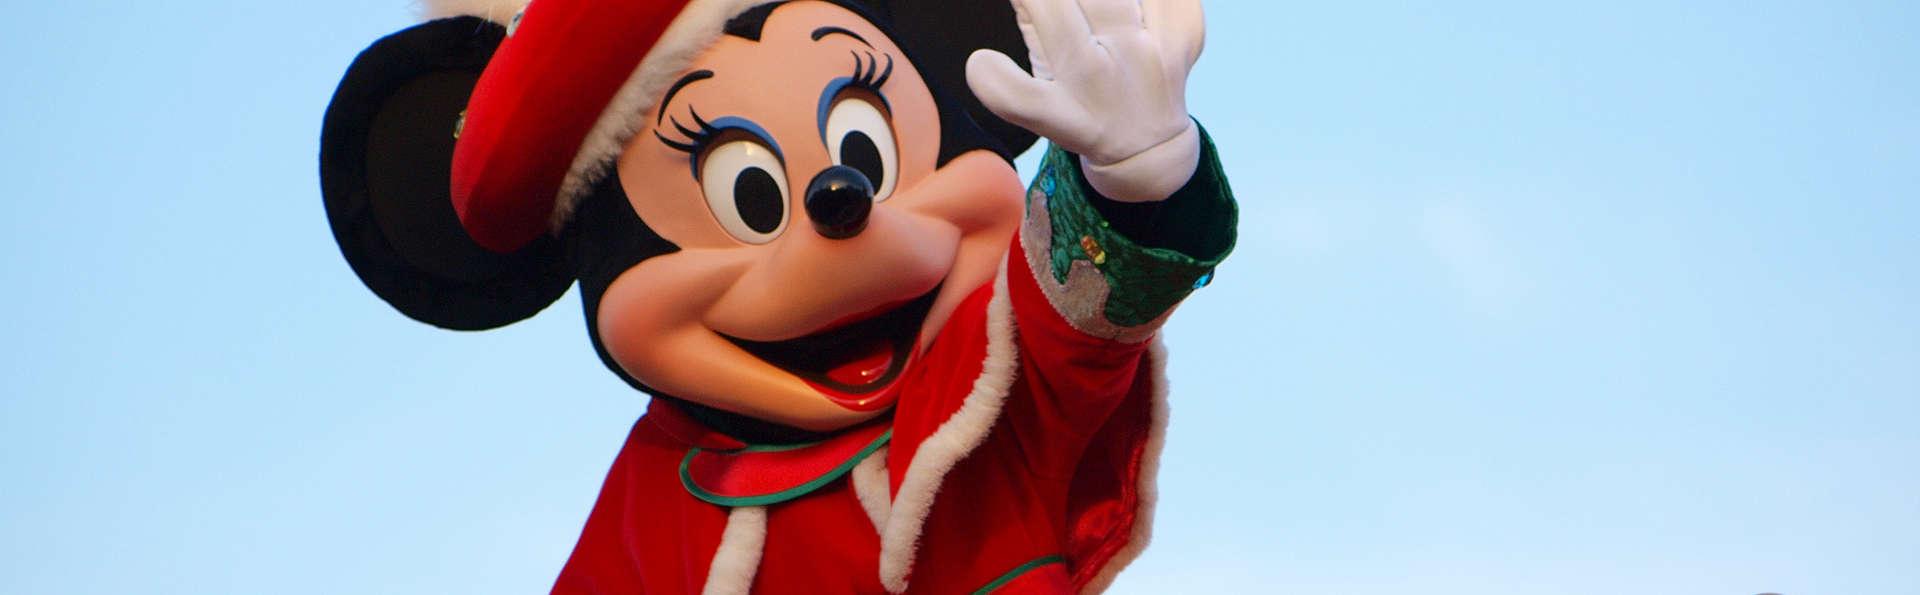 Séjour avec entrée aux parcs Disneyland® Paris ( 2 jours / 2 parcs )